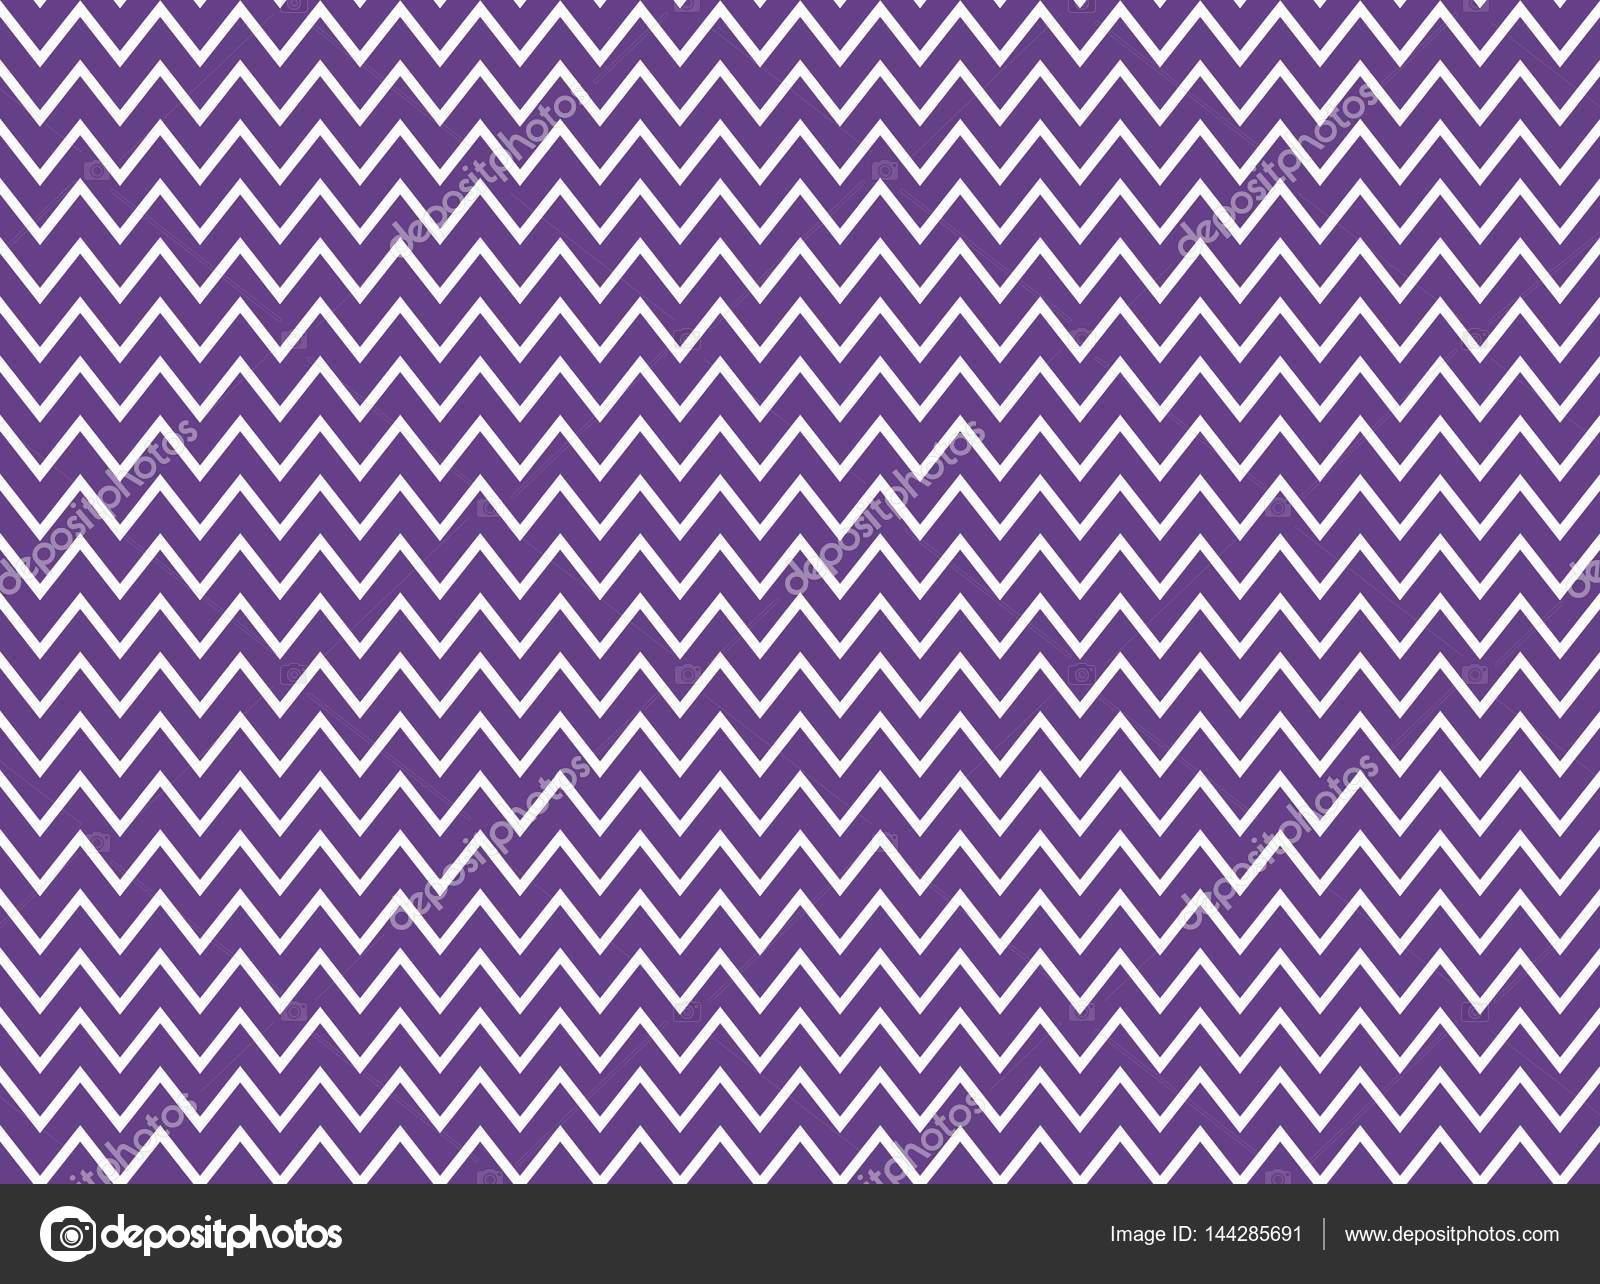 Faded Zig Zag Background - Free Photoshop Brushes at Brusheezy! | 1284x1600